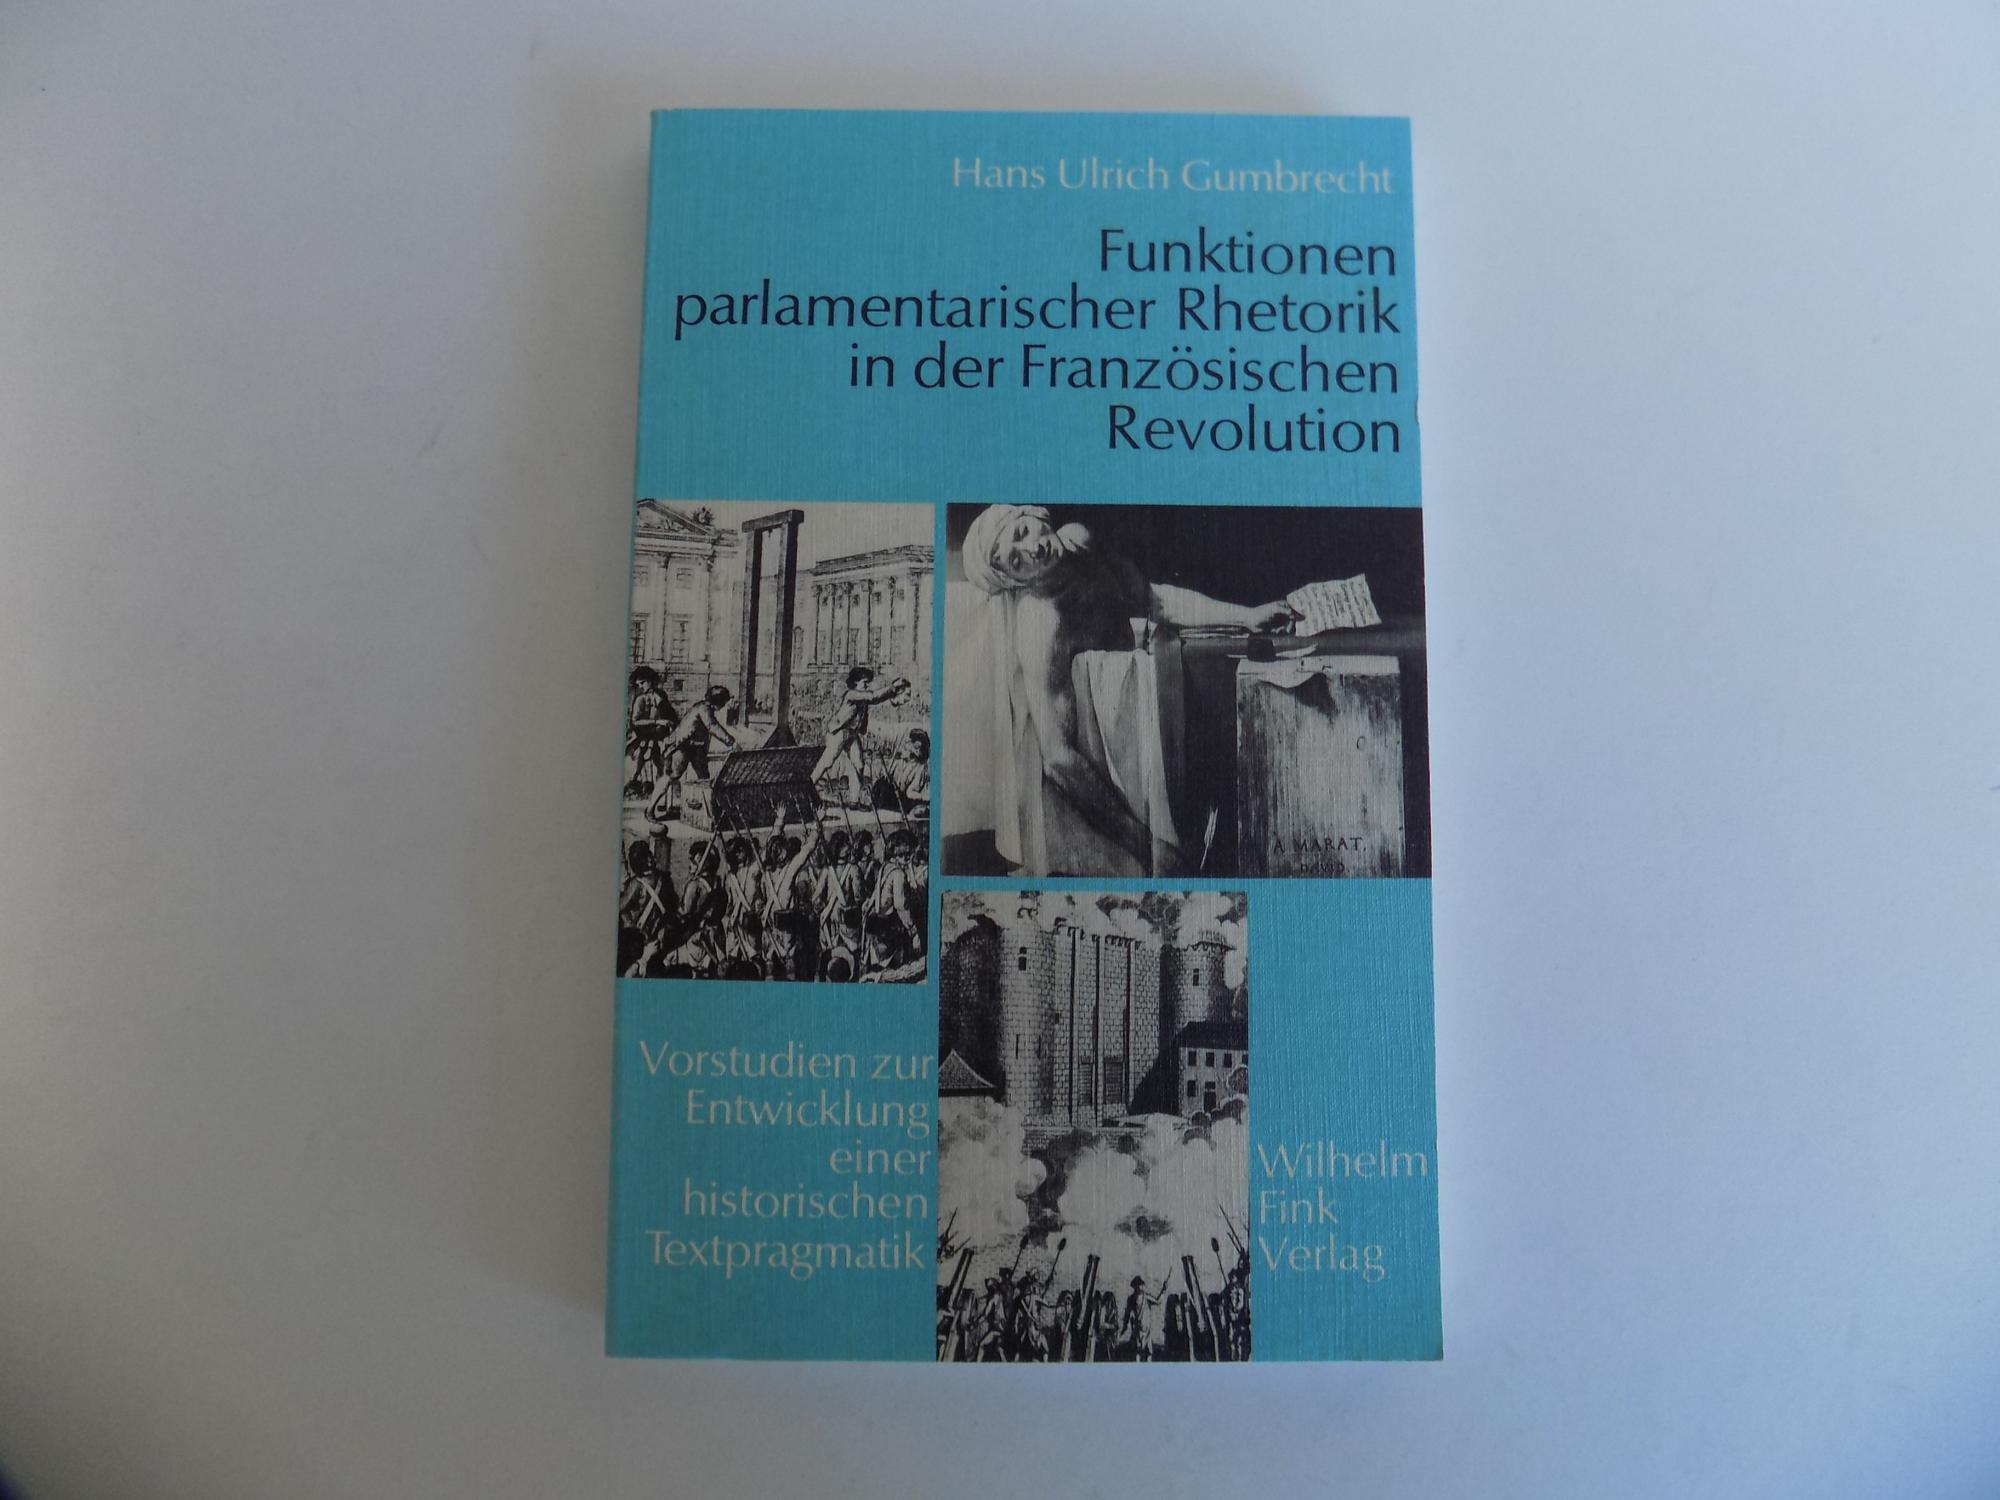 Funktionen parlamentarischer Rhetorik in der Französischen Revolution.: Gumbrecht, Hans Ulrich